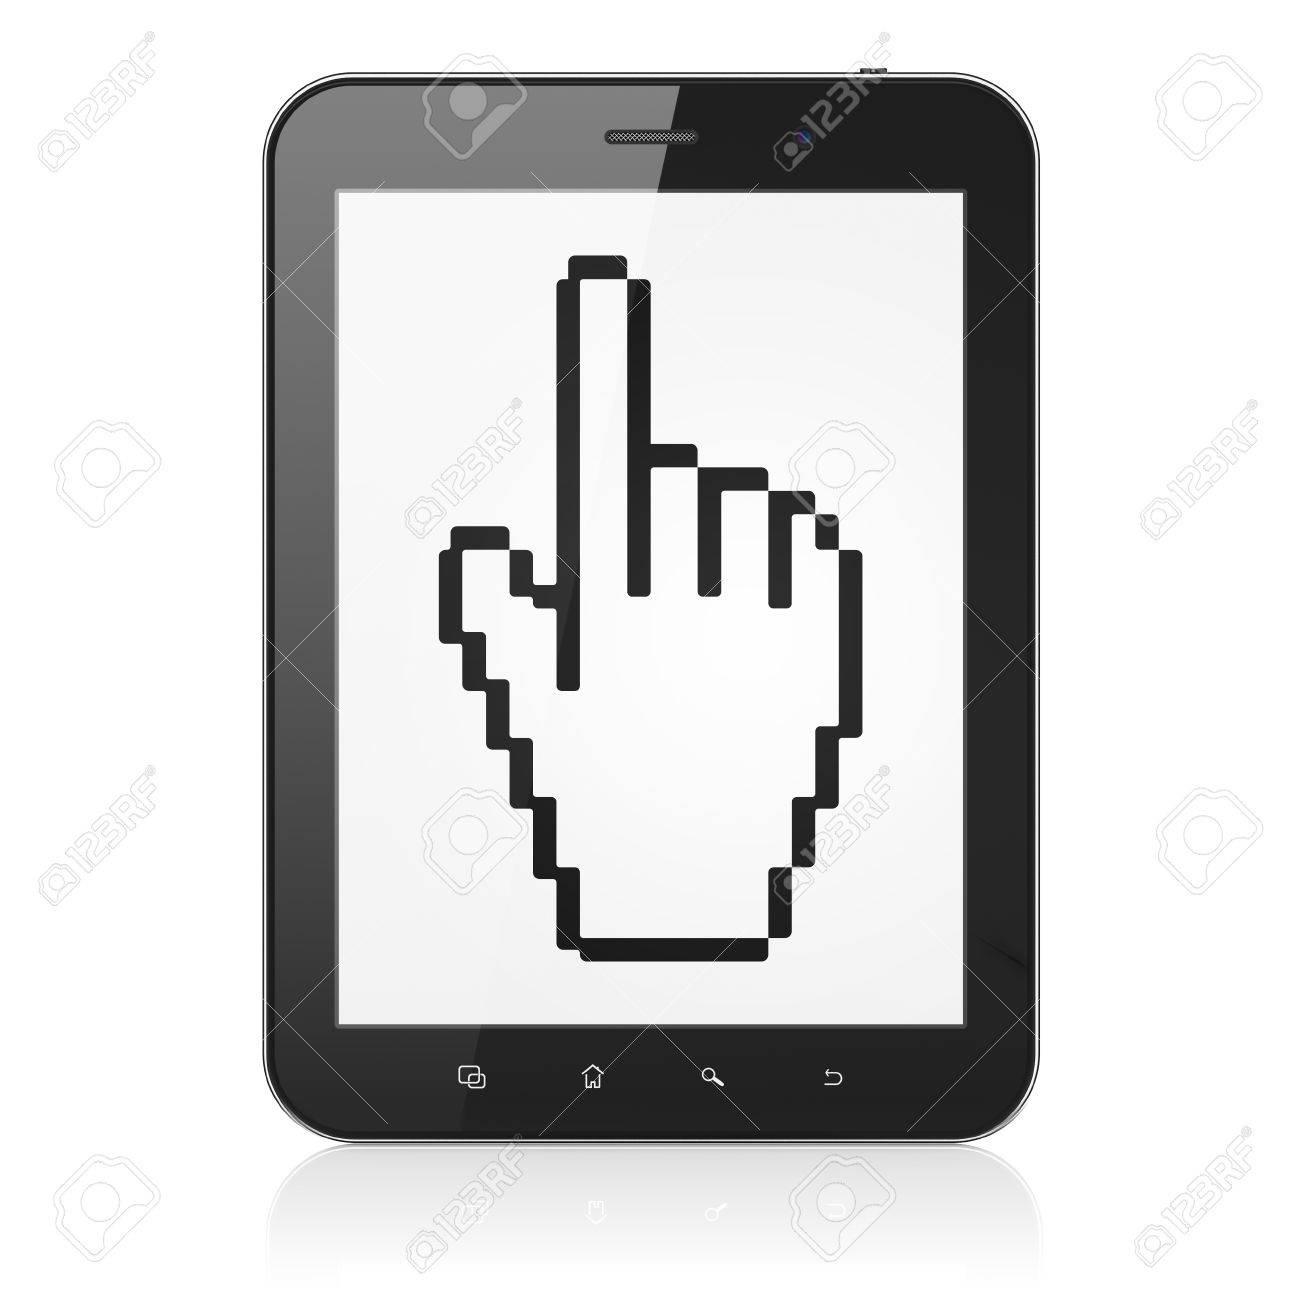 Concept De Web Design: Noir Ordinateur Pc Tablette Avec Curseur De La  Souris Sur L'icône D'affichage. Moderne Pavé Tactile Portable Sur Fond  Blanc, intérieur La Souris Du Web